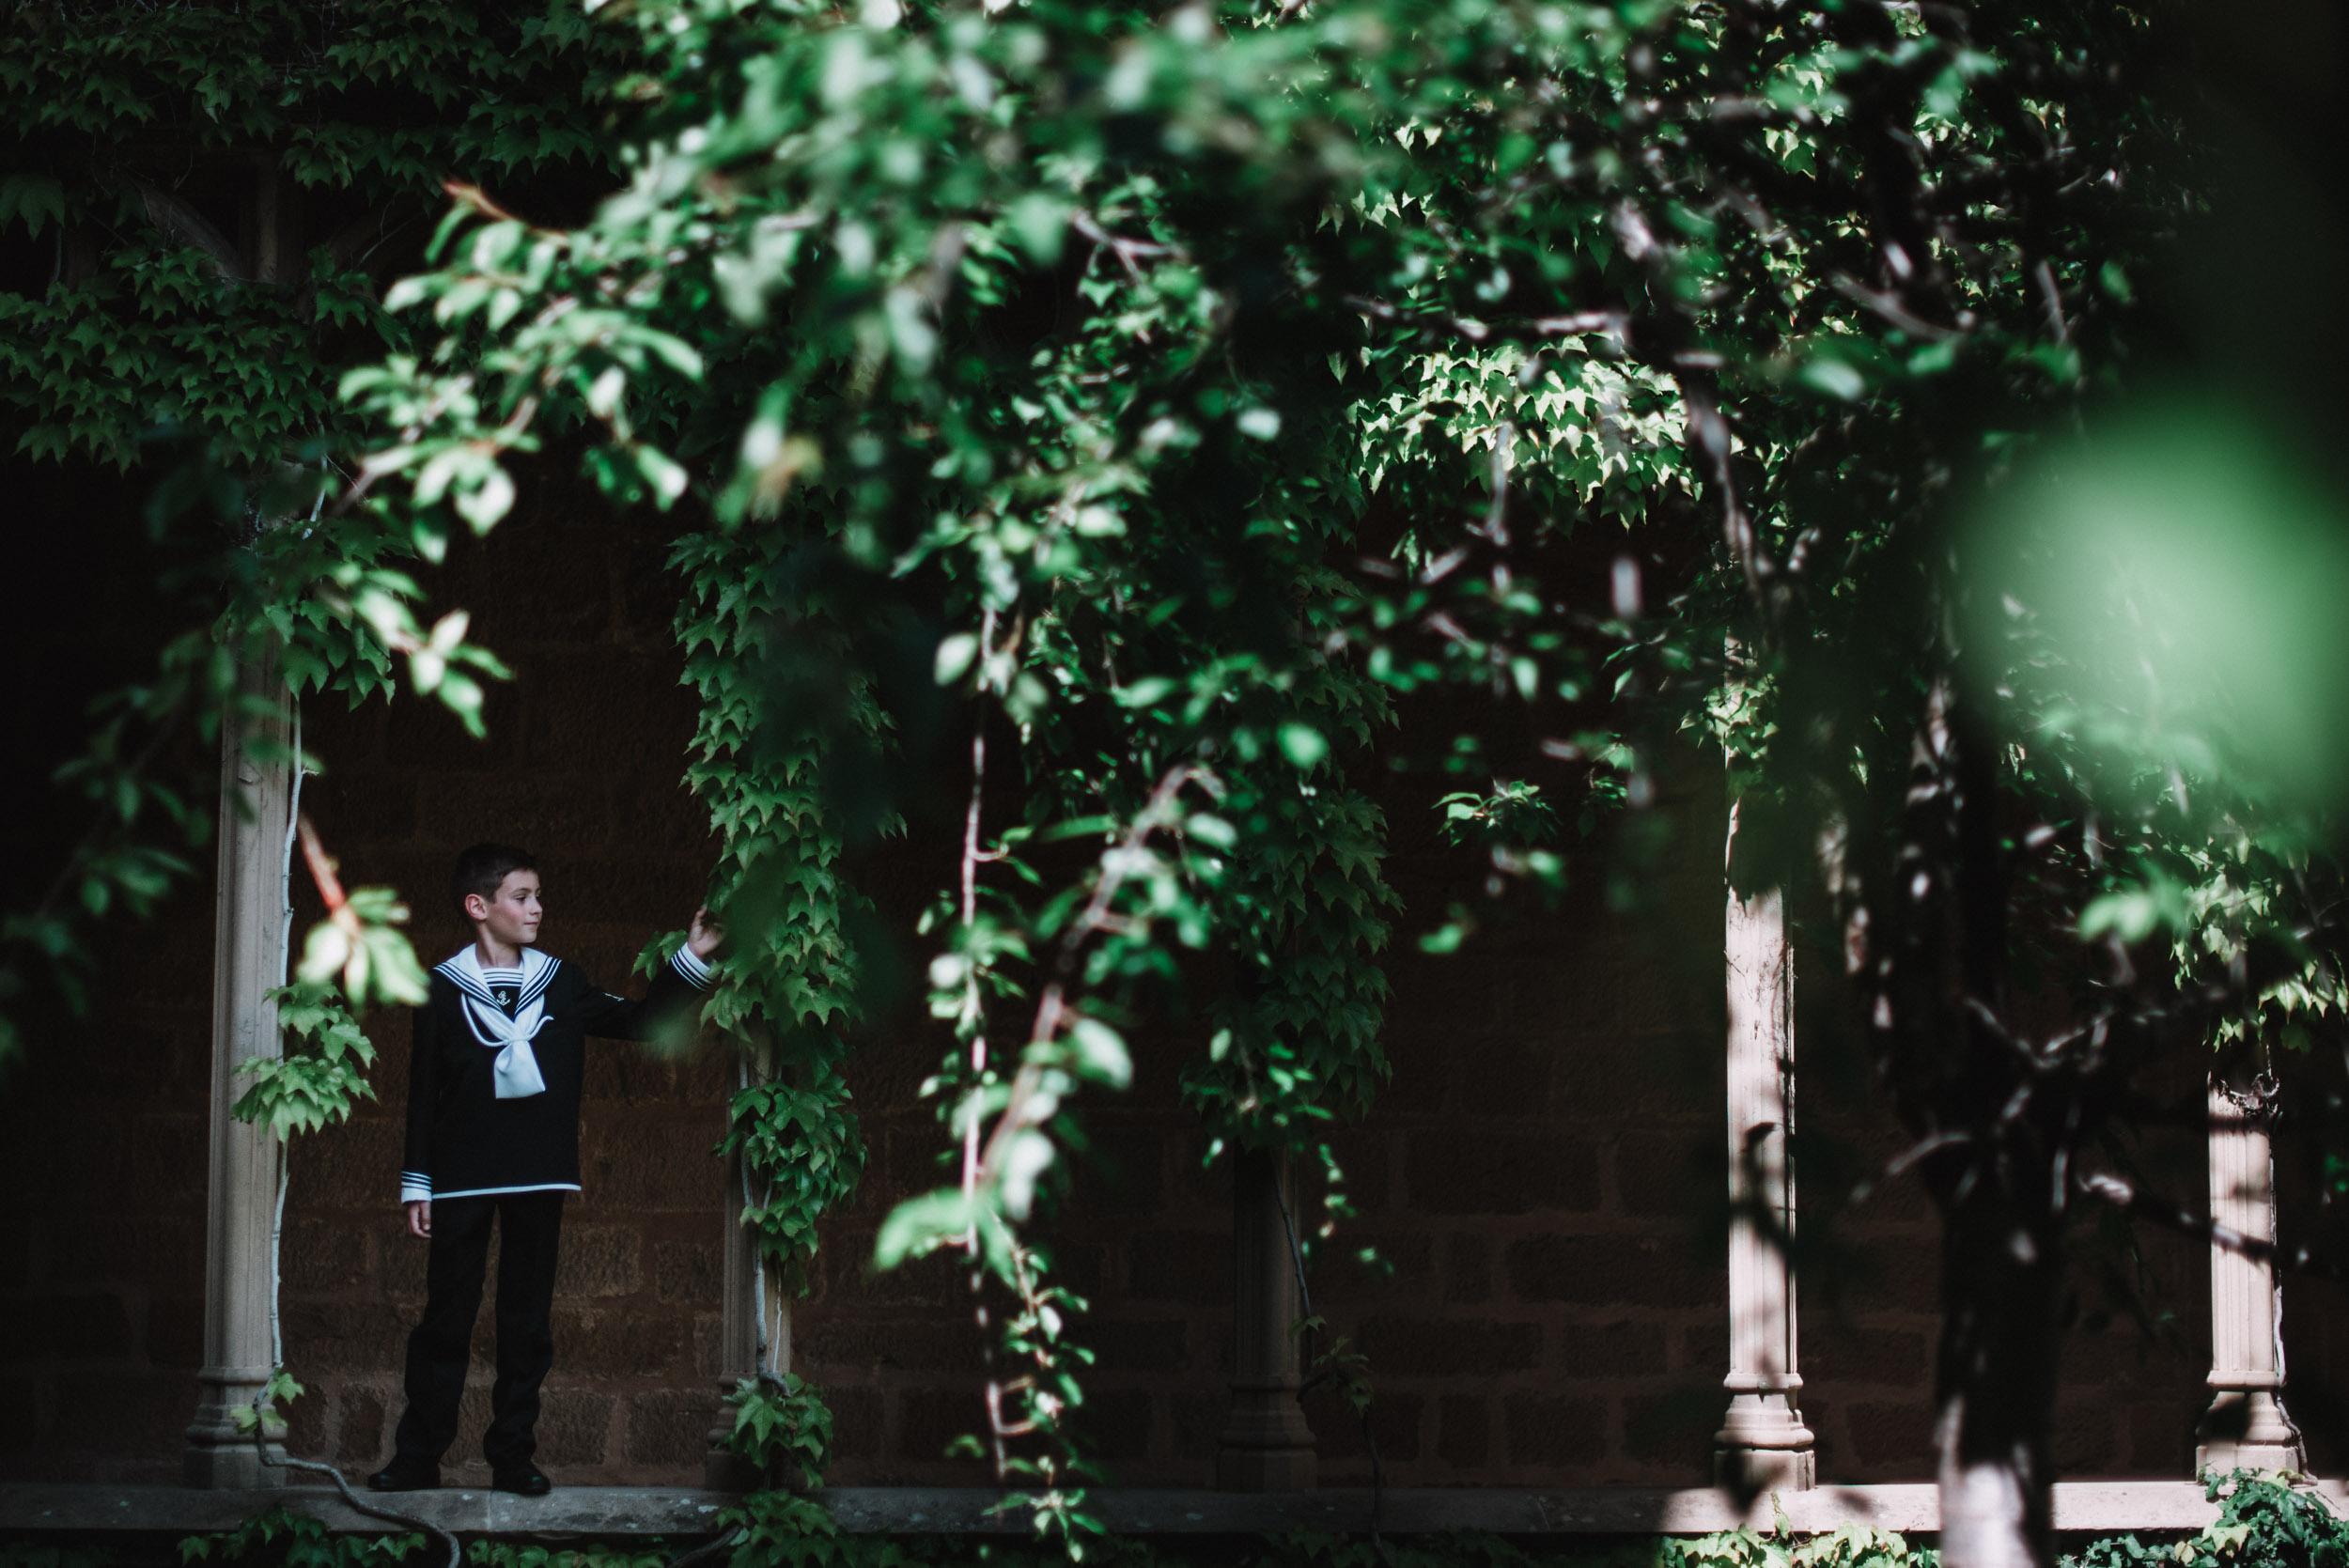 reportaje-comunion-ibai-castillo-olite-7561.jpg